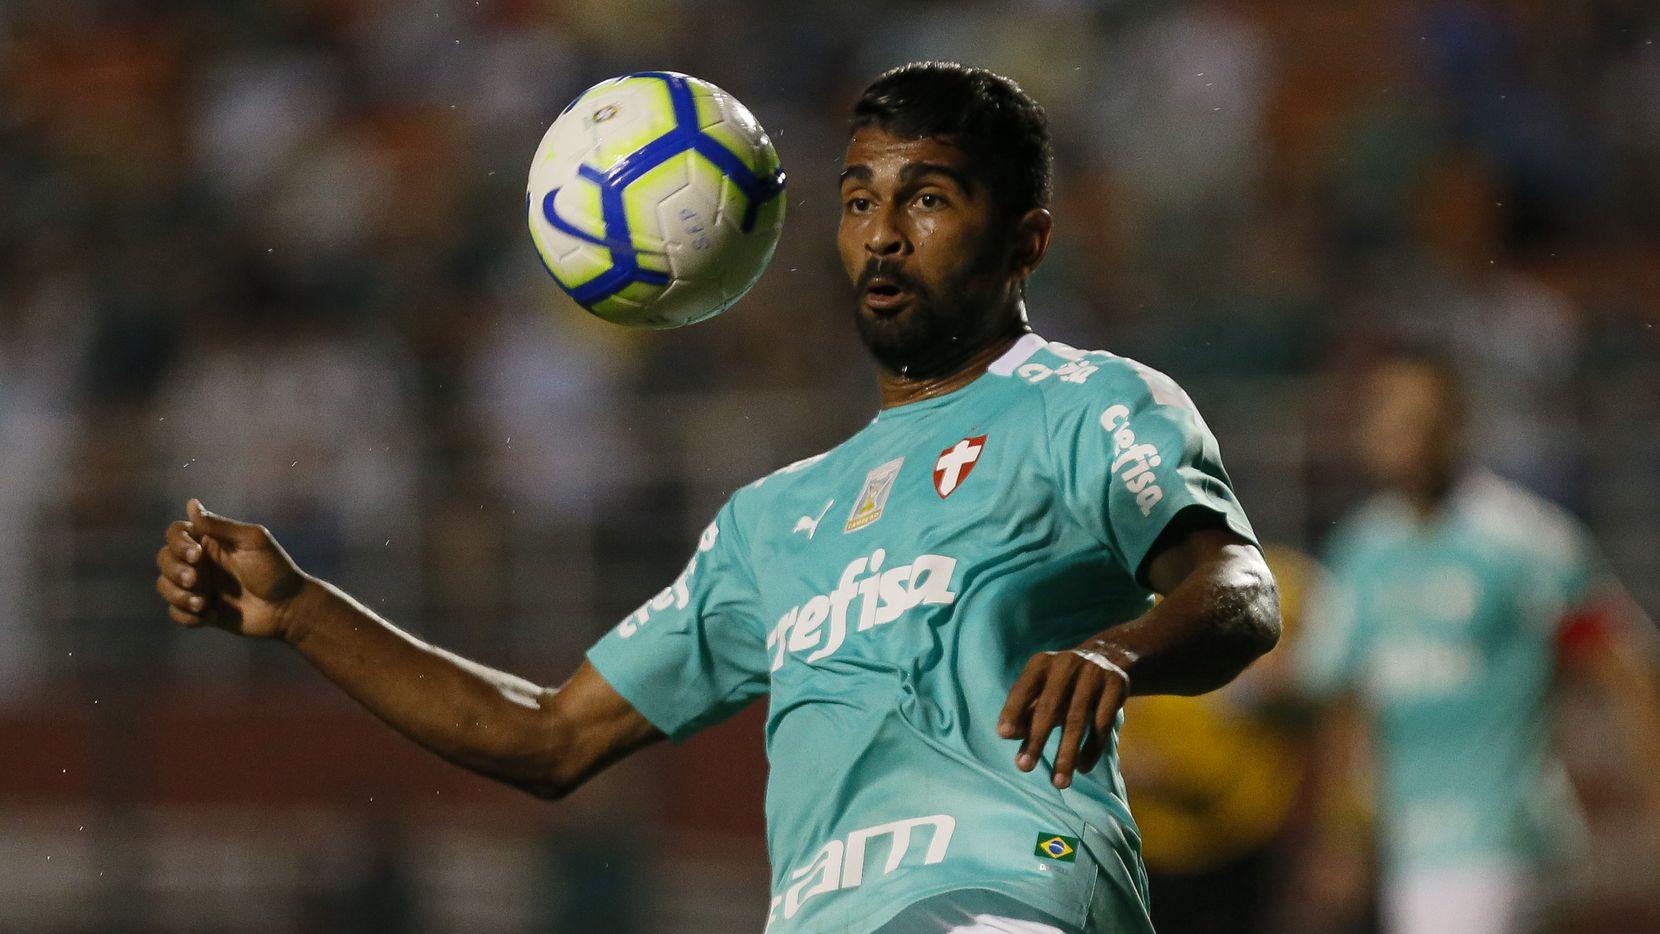 El mediocampista brasileño Thiago Santos es una de las contrataciones importantes del FC Dallas para esta temporada.